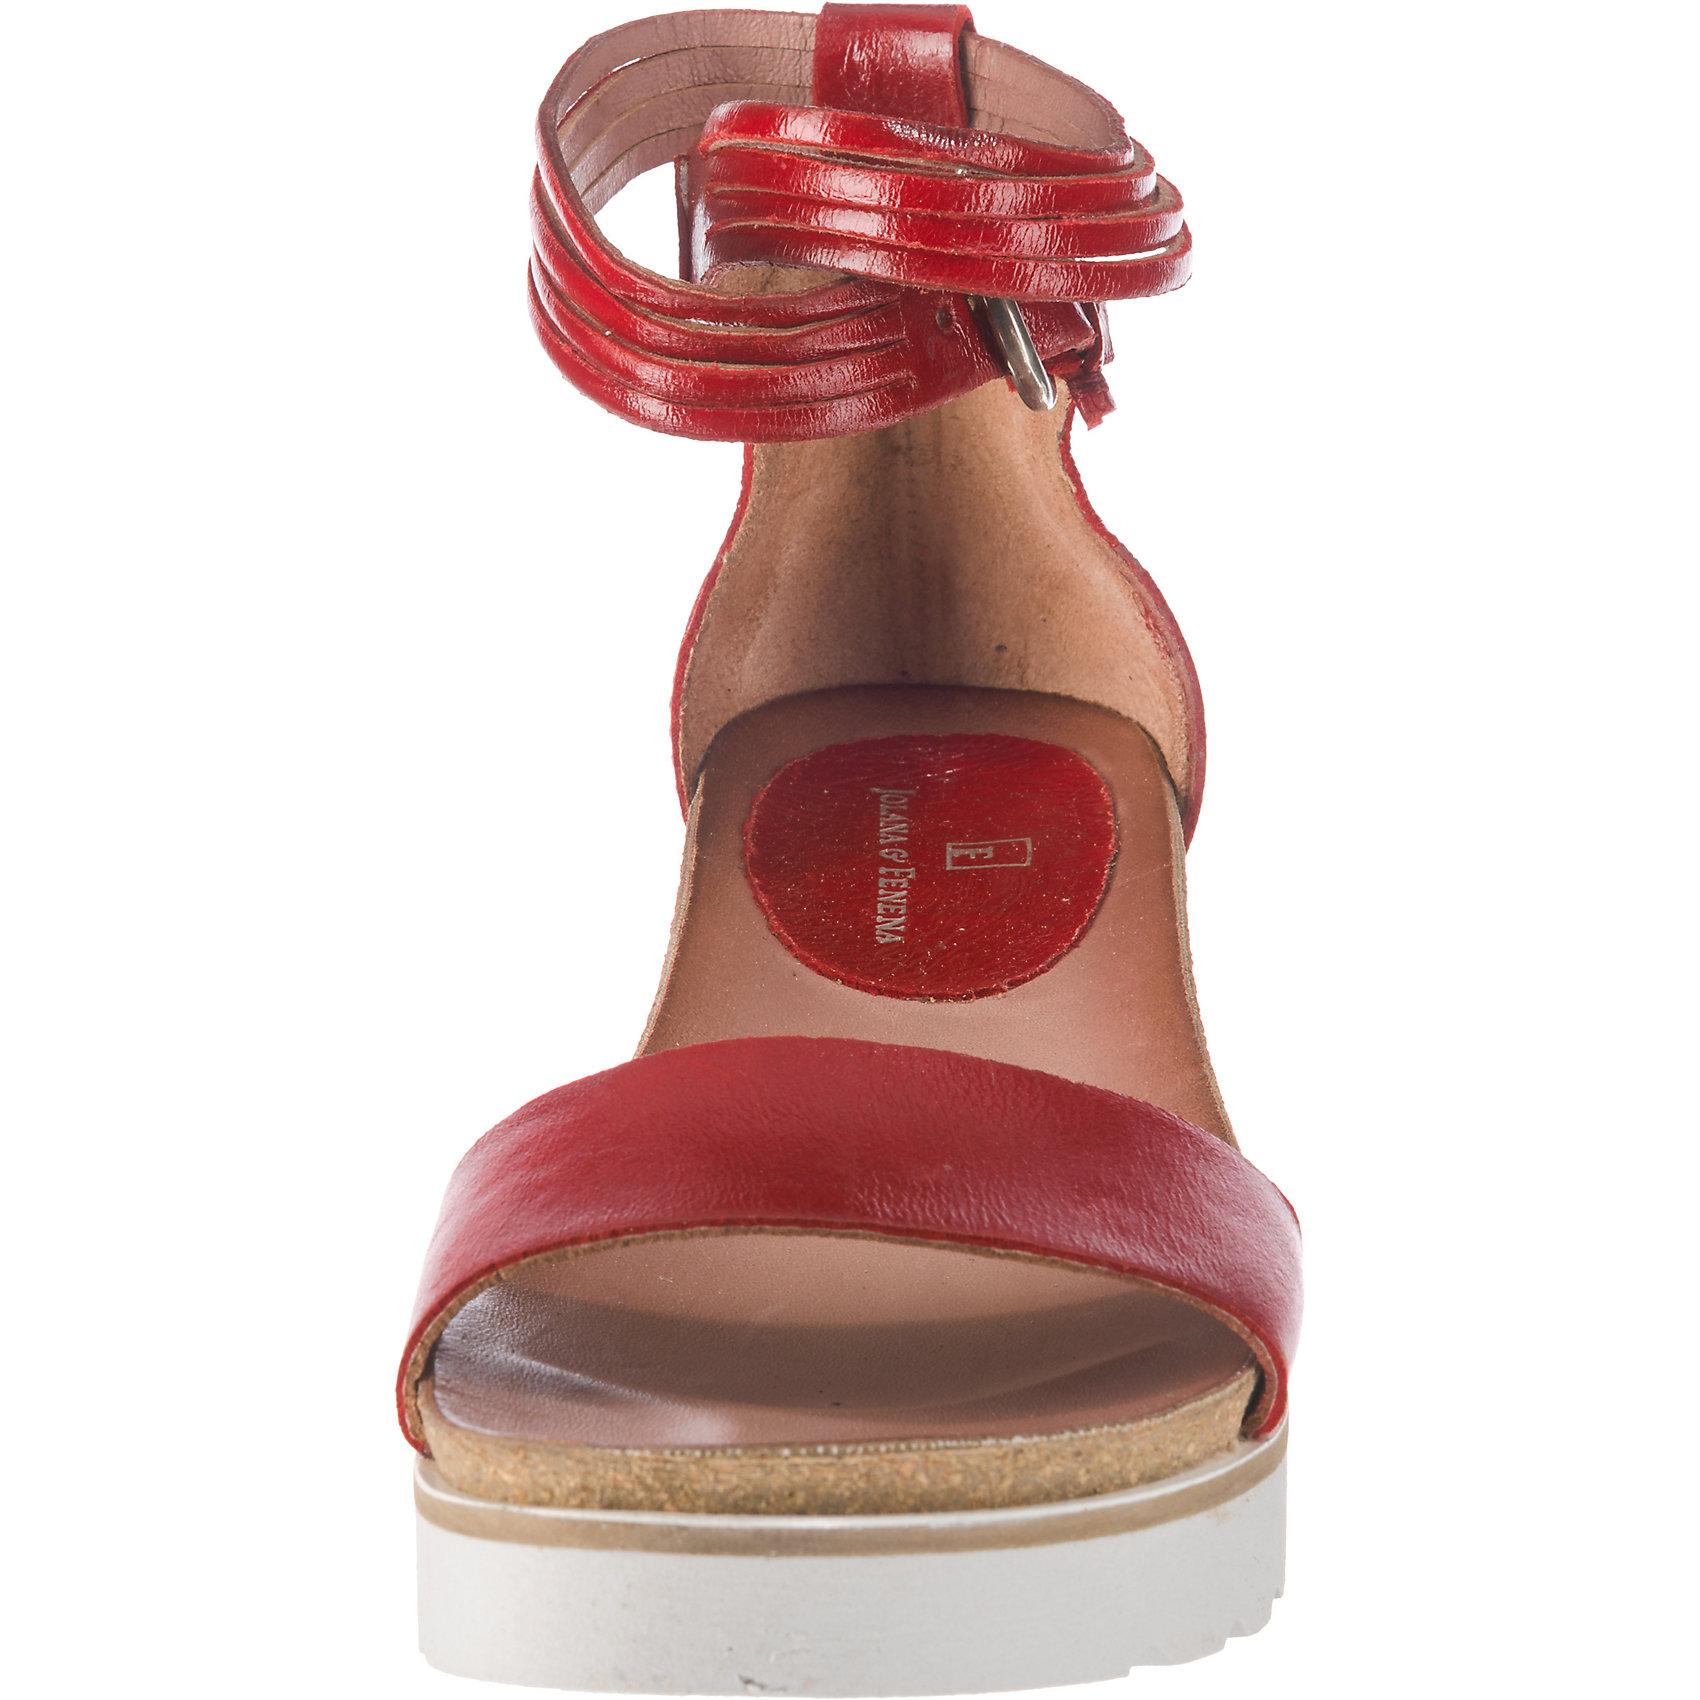 Neu JOLANA & FENENA Klassische Sandalen 7152900 für Damen Damen Damen 1169e6